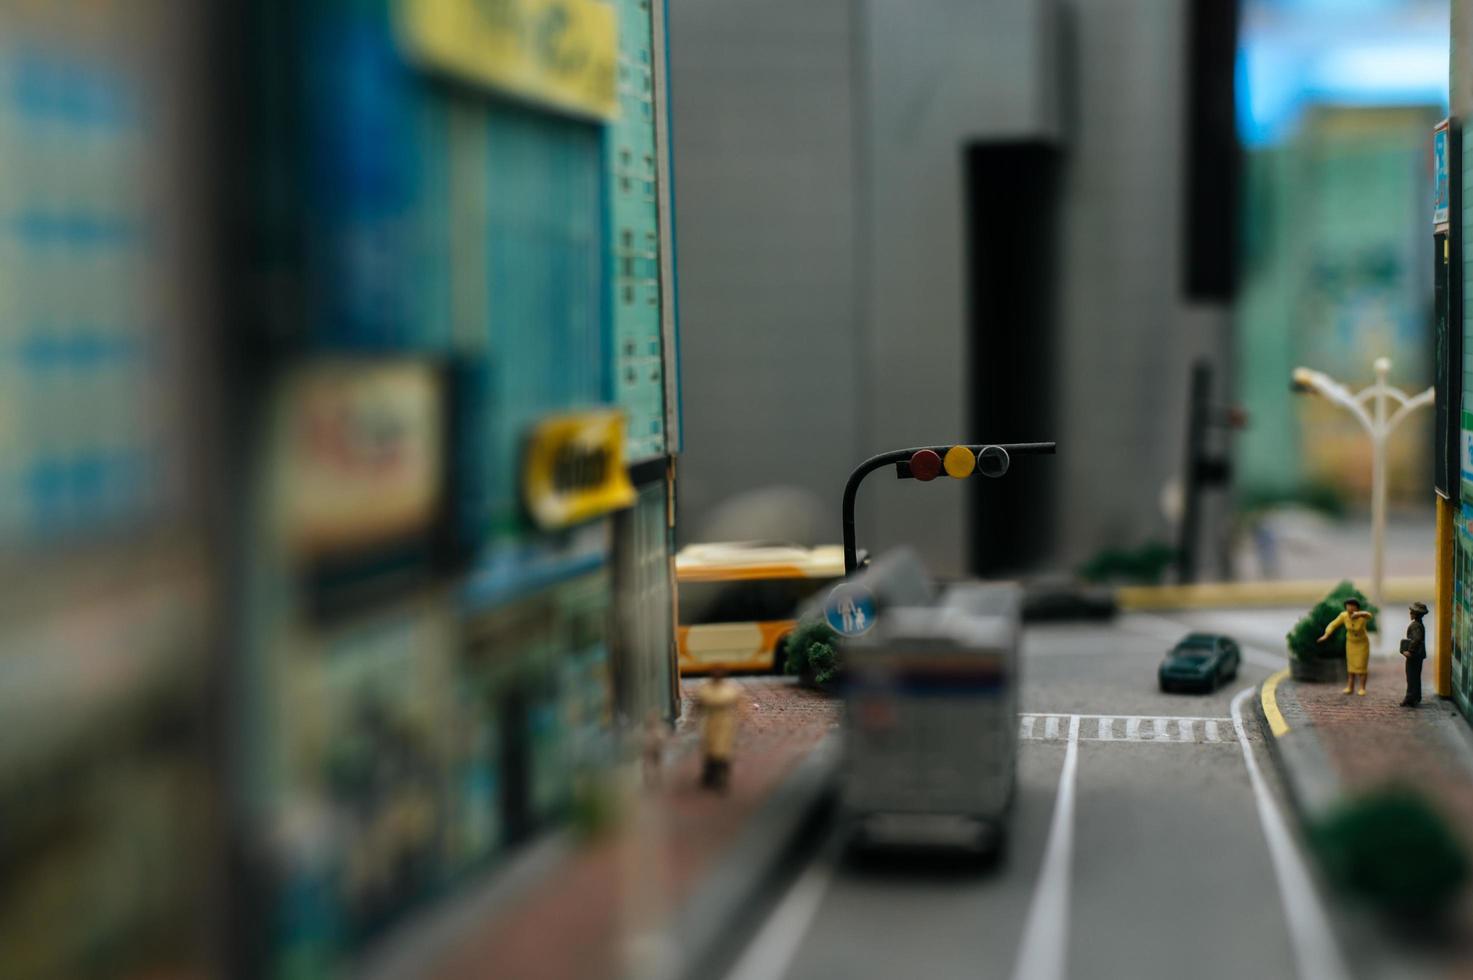 close-up beeld van een kleine verkeerslichten op de weg foto